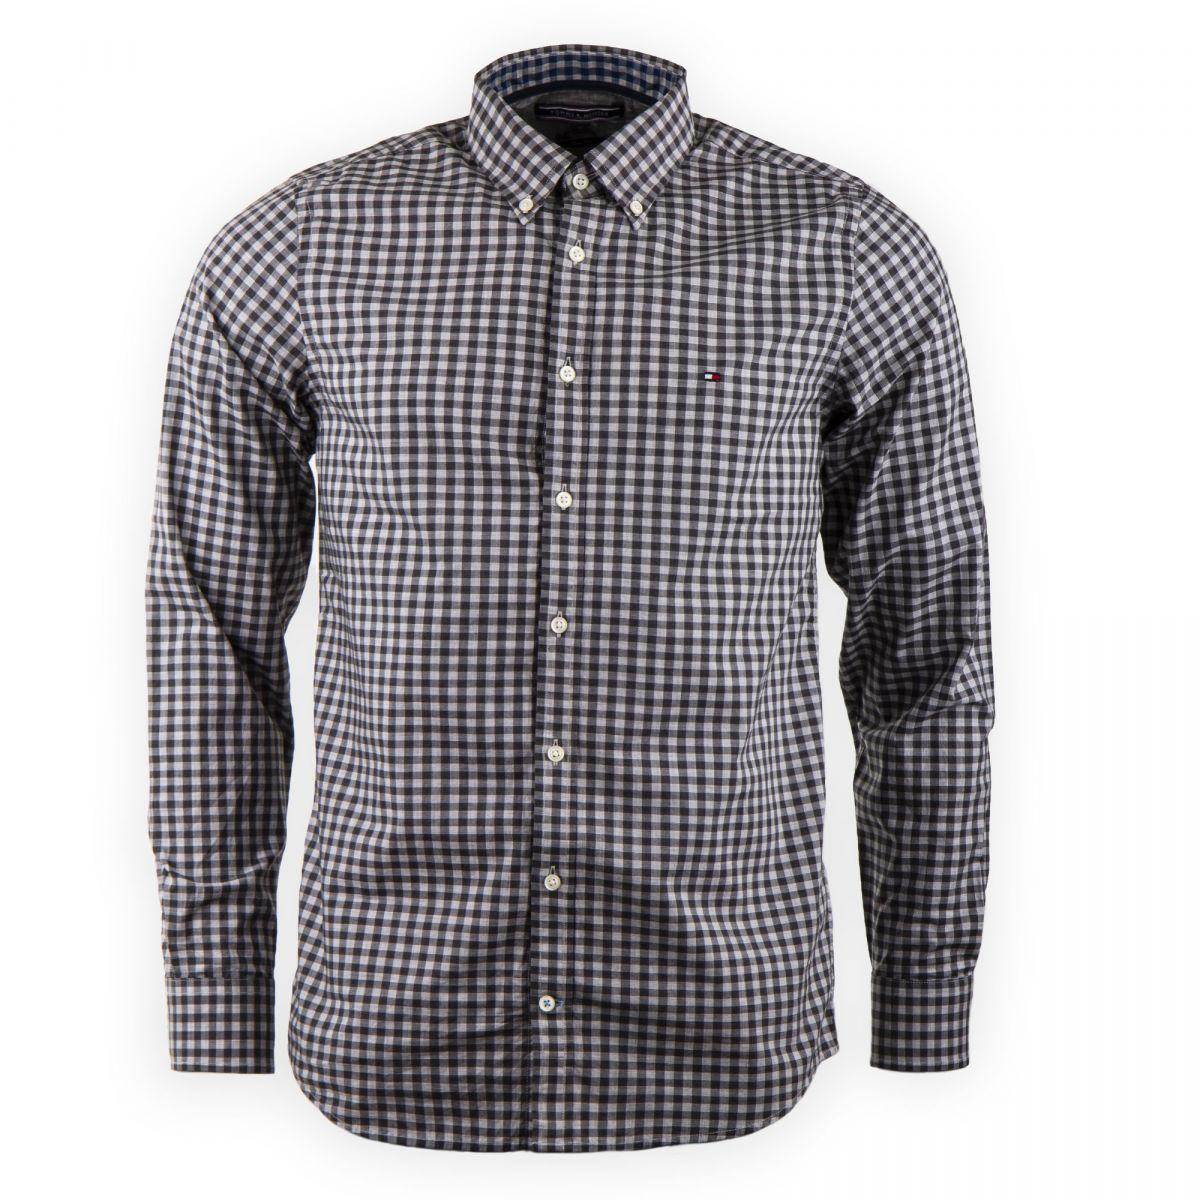 chemise grise carreaux homme tommy hilfiger prix. Black Bedroom Furniture Sets. Home Design Ideas